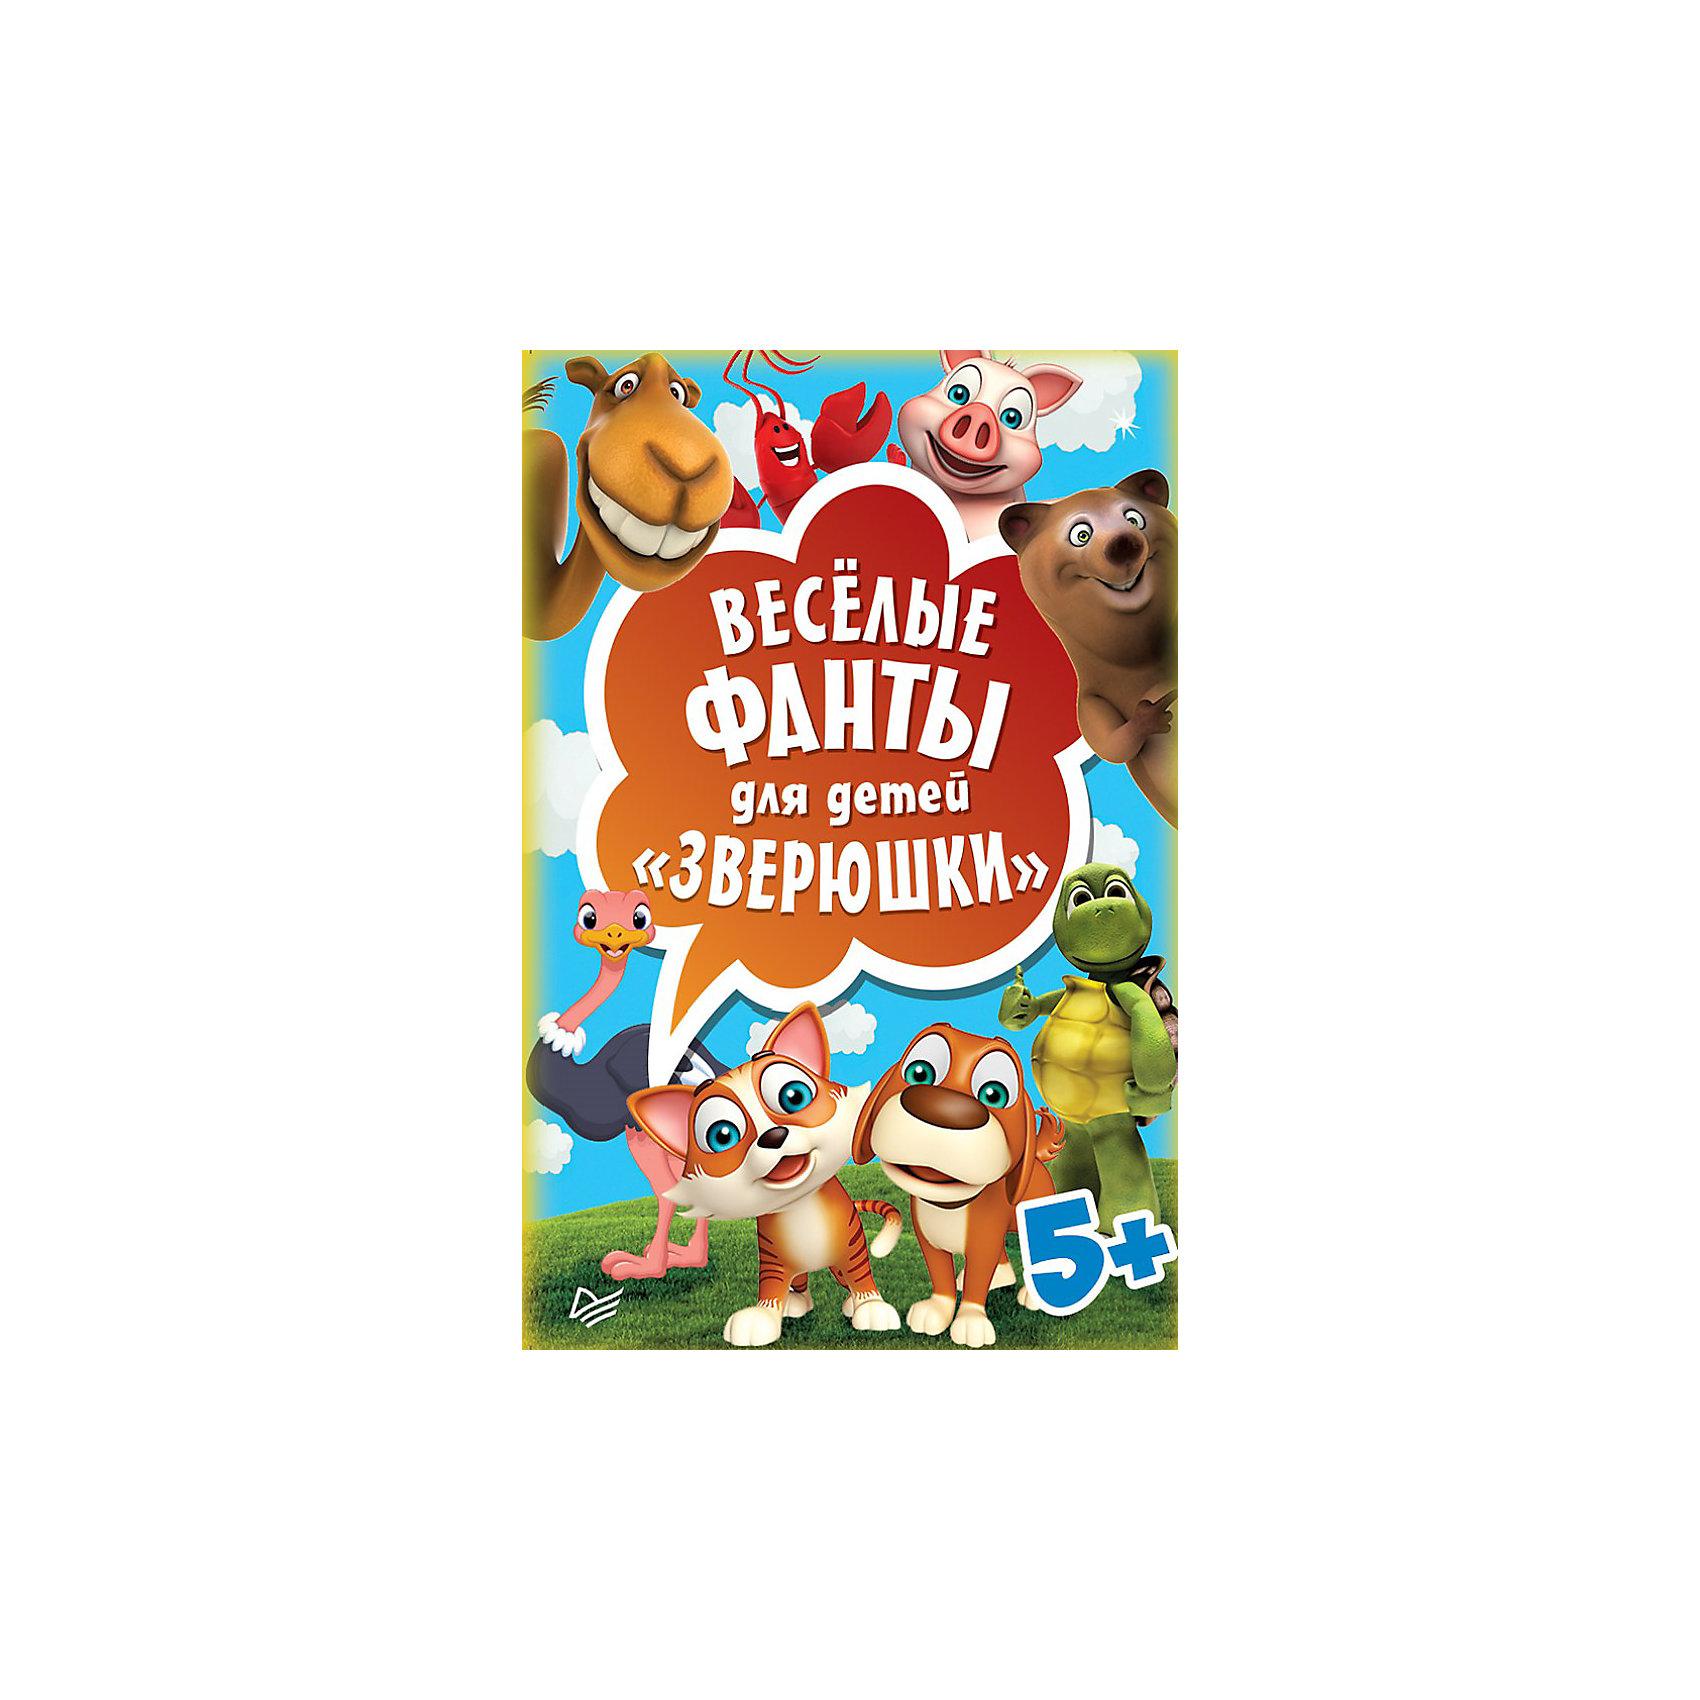 Весёлые фанты для детей: Зверюшки 45 карточекОбучающие карточки<br>Характеристики товара:<br><br>• в комплекте: 45 карточек;<br>• ISBN: 978-5-906417-45-9;<br>• серия: Вы и ваш ребенок;<br>• размер упаковки: 17х5,7х8,7 см;<br>• вес:: 55 грамм.<br><br>Фанты «Зверюшки» отлично подойдут для семейного отдыха. В комплект входят 45 карточек с изображением обычных и сказочных животных. На каждой карточке написано задание. Игроки по очереди вытаскивают фанты и выполняют задание, написанное на карточке.<br><br>Весёлые фанты для детей: «Зверюшки» 45 карточек можно купить в нашем интернет-магазине.<br><br>Ширина мм: 87<br>Глубина мм: 57<br>Высота мм: 170<br>Вес г: 55<br>Возраст от месяцев: 12<br>Возраст до месяцев: 2147483647<br>Пол: Унисекс<br>Возраст: Детский<br>SKU: 5576692